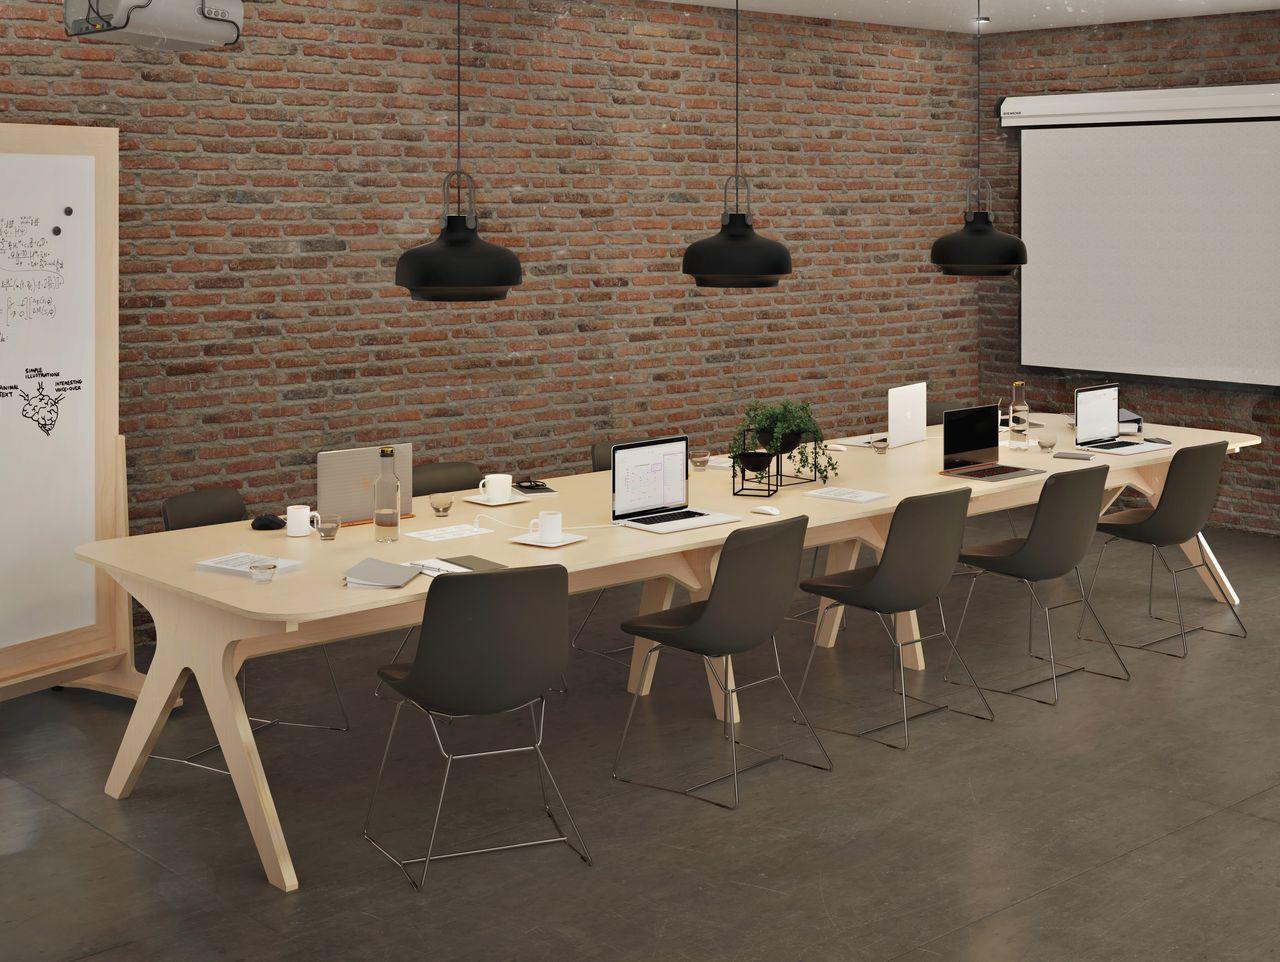 Table de réunion en bois dans une salle de réunion style industriel